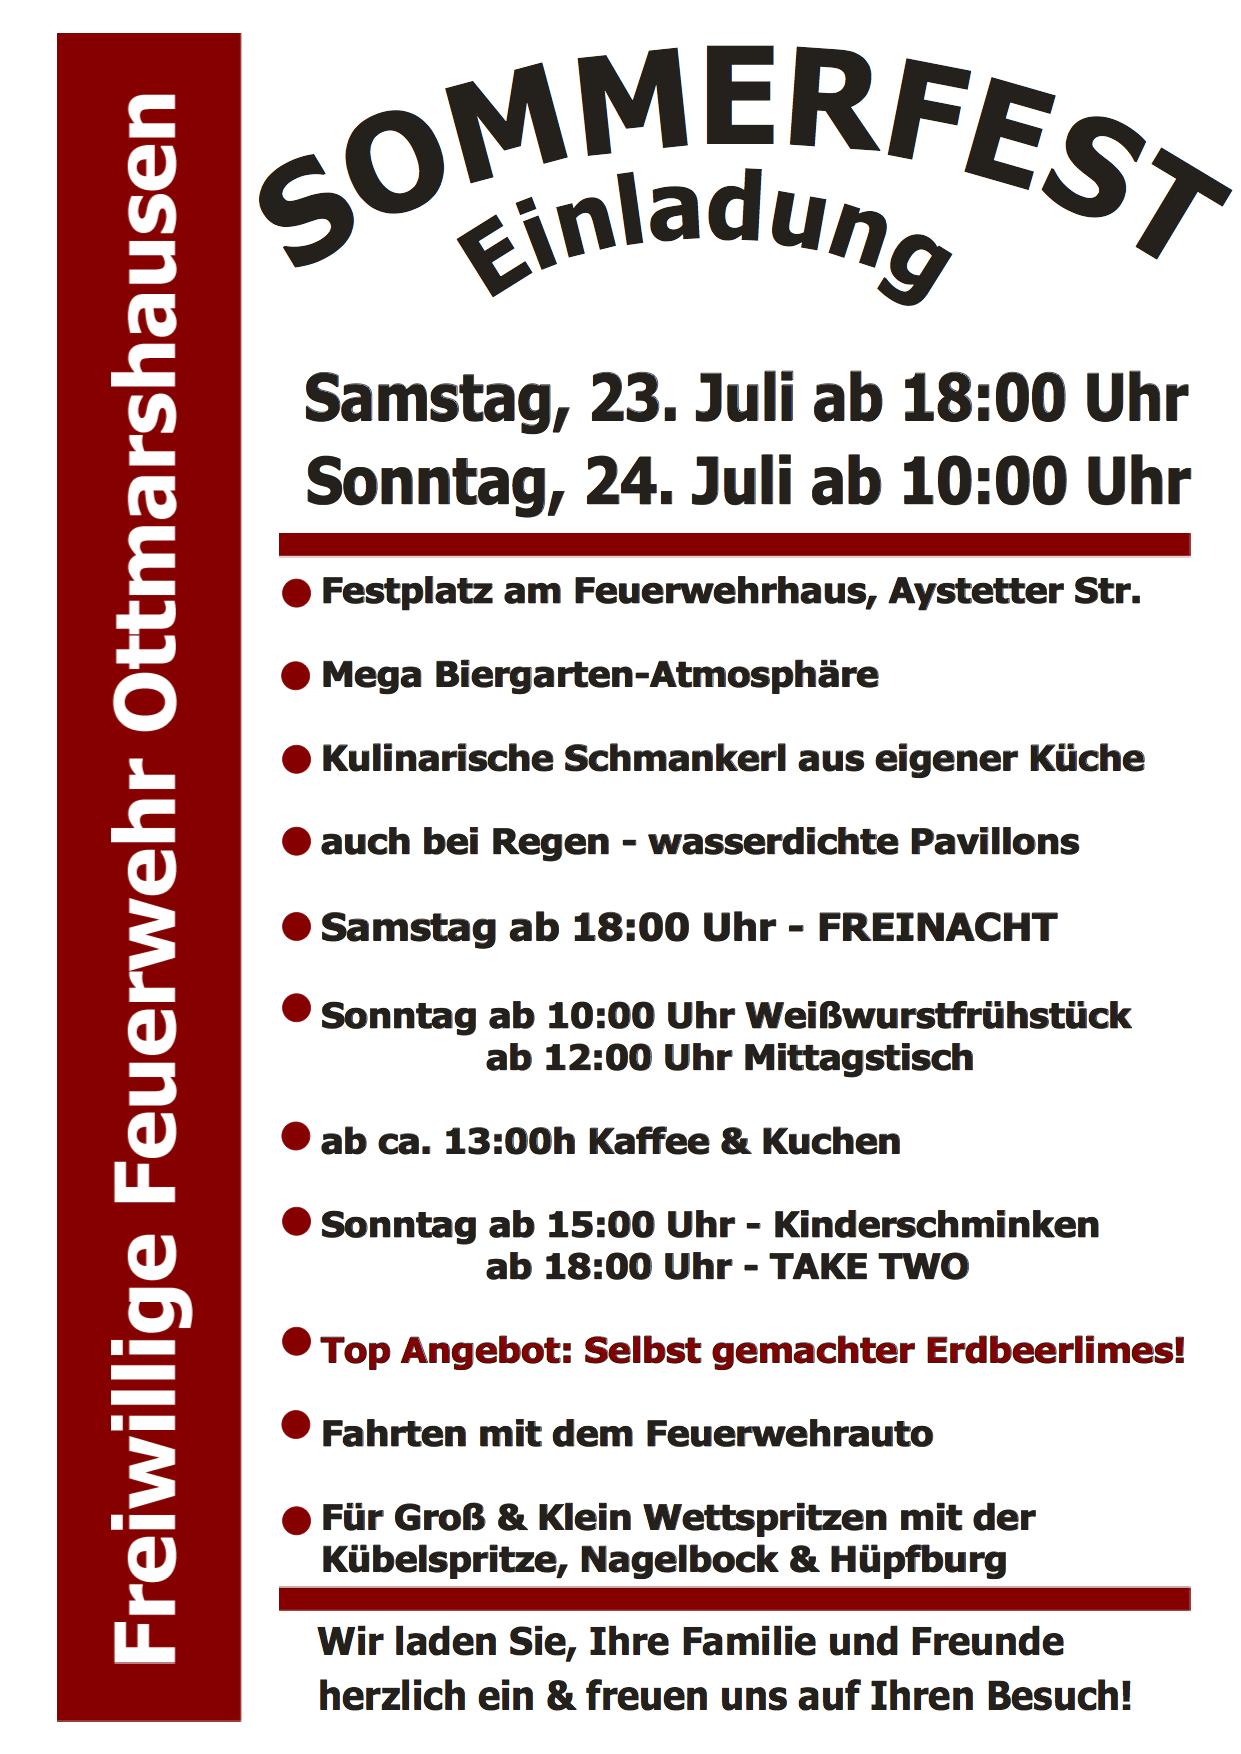 einladung zum sommerfest 2016 – freiwillige feuerwehr ottmarshausen, Einladung